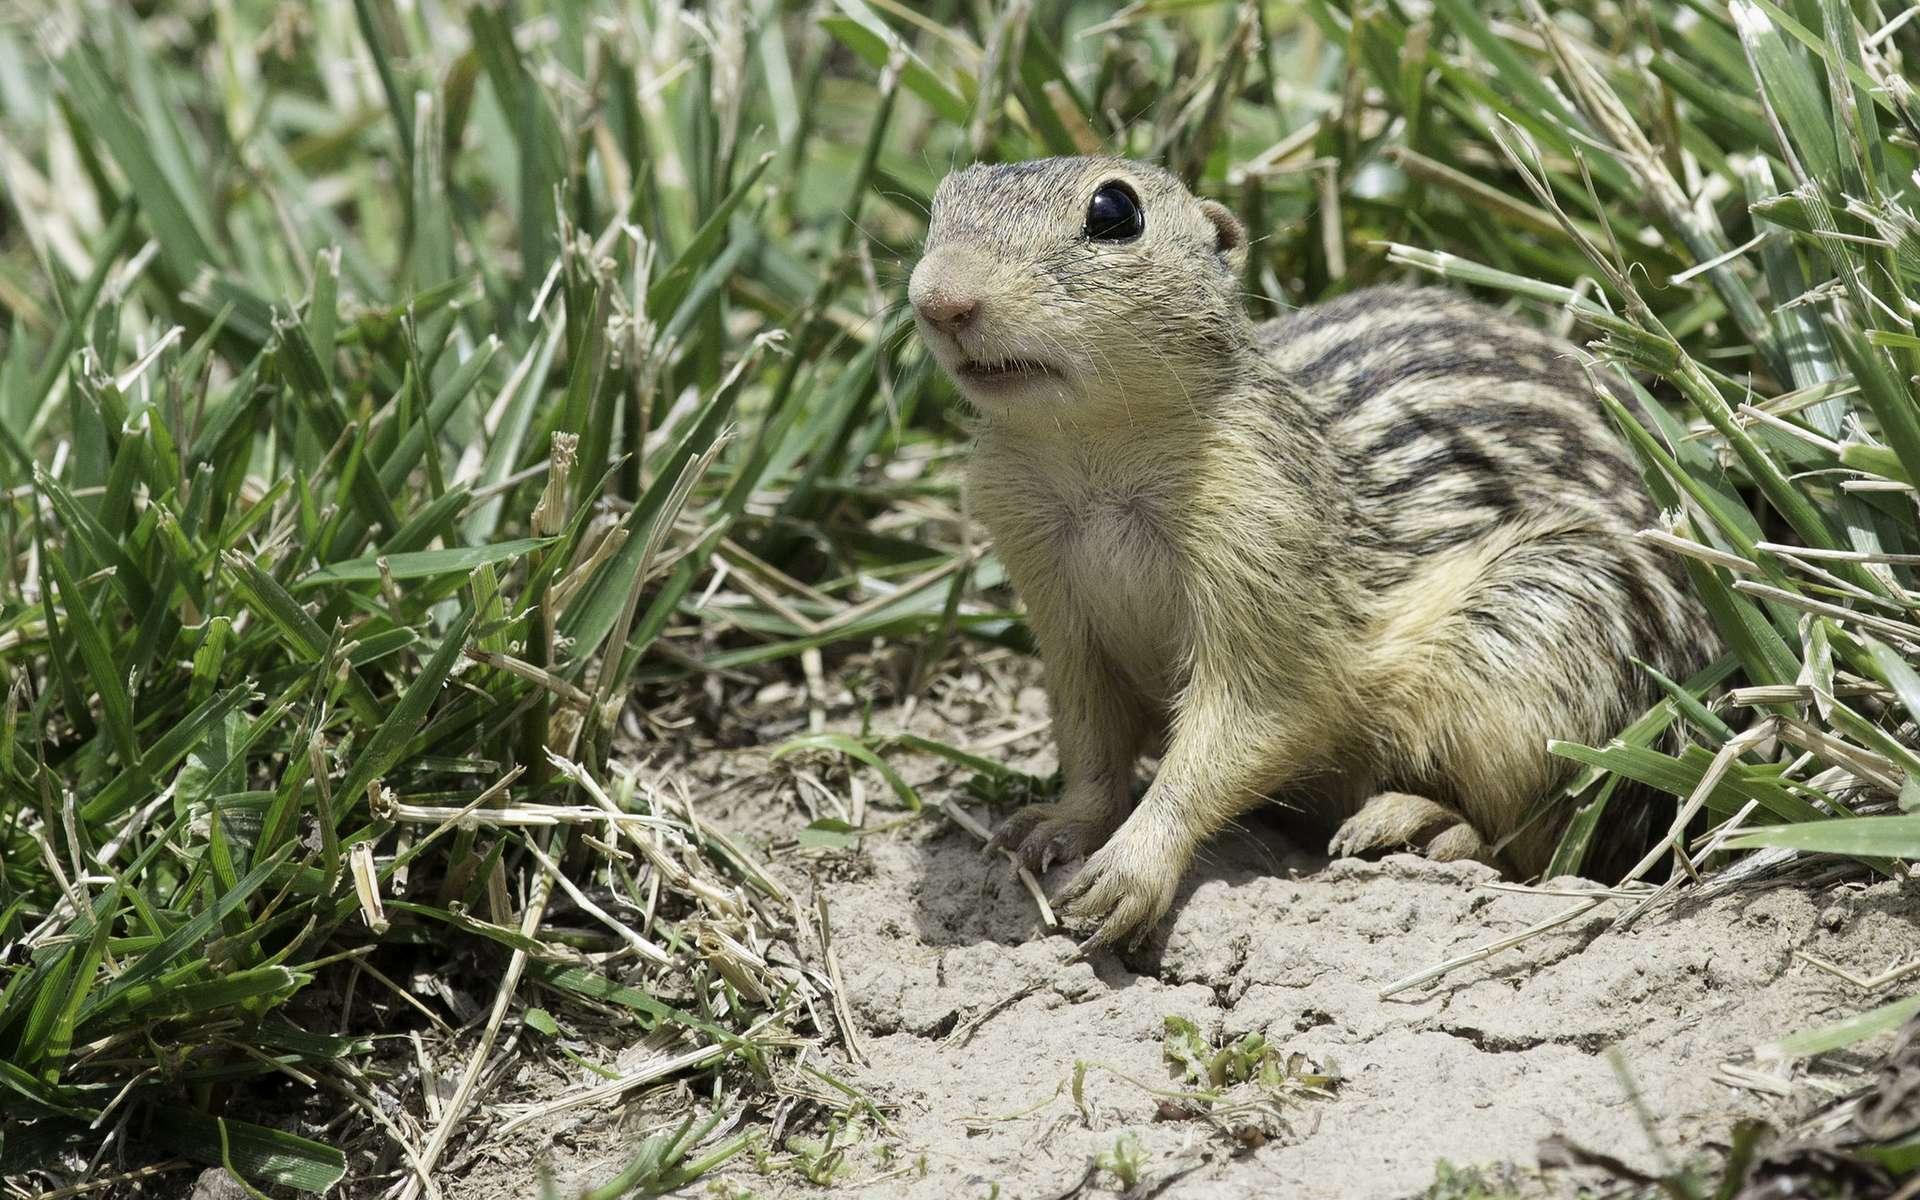 Le spermophile rayé est un écureuil terrestre qui peut hiberner jusqu'à huit mois sans boire. © Kelly Colgan Azar, Flickr